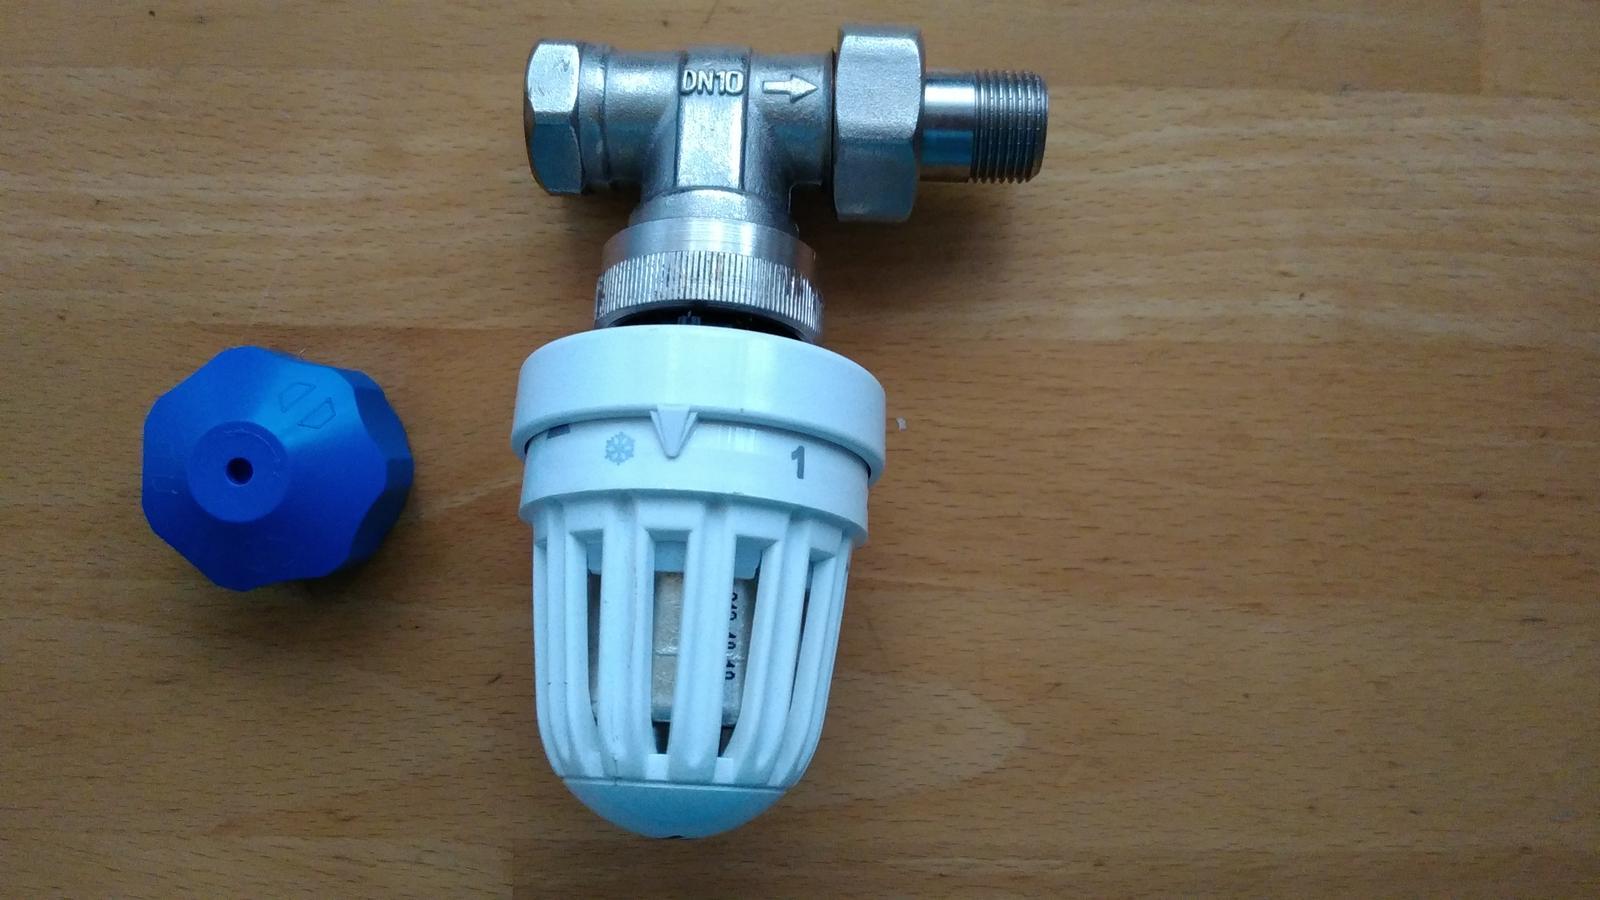 termostaticka hlavica DN10 - Obrázok č. 1